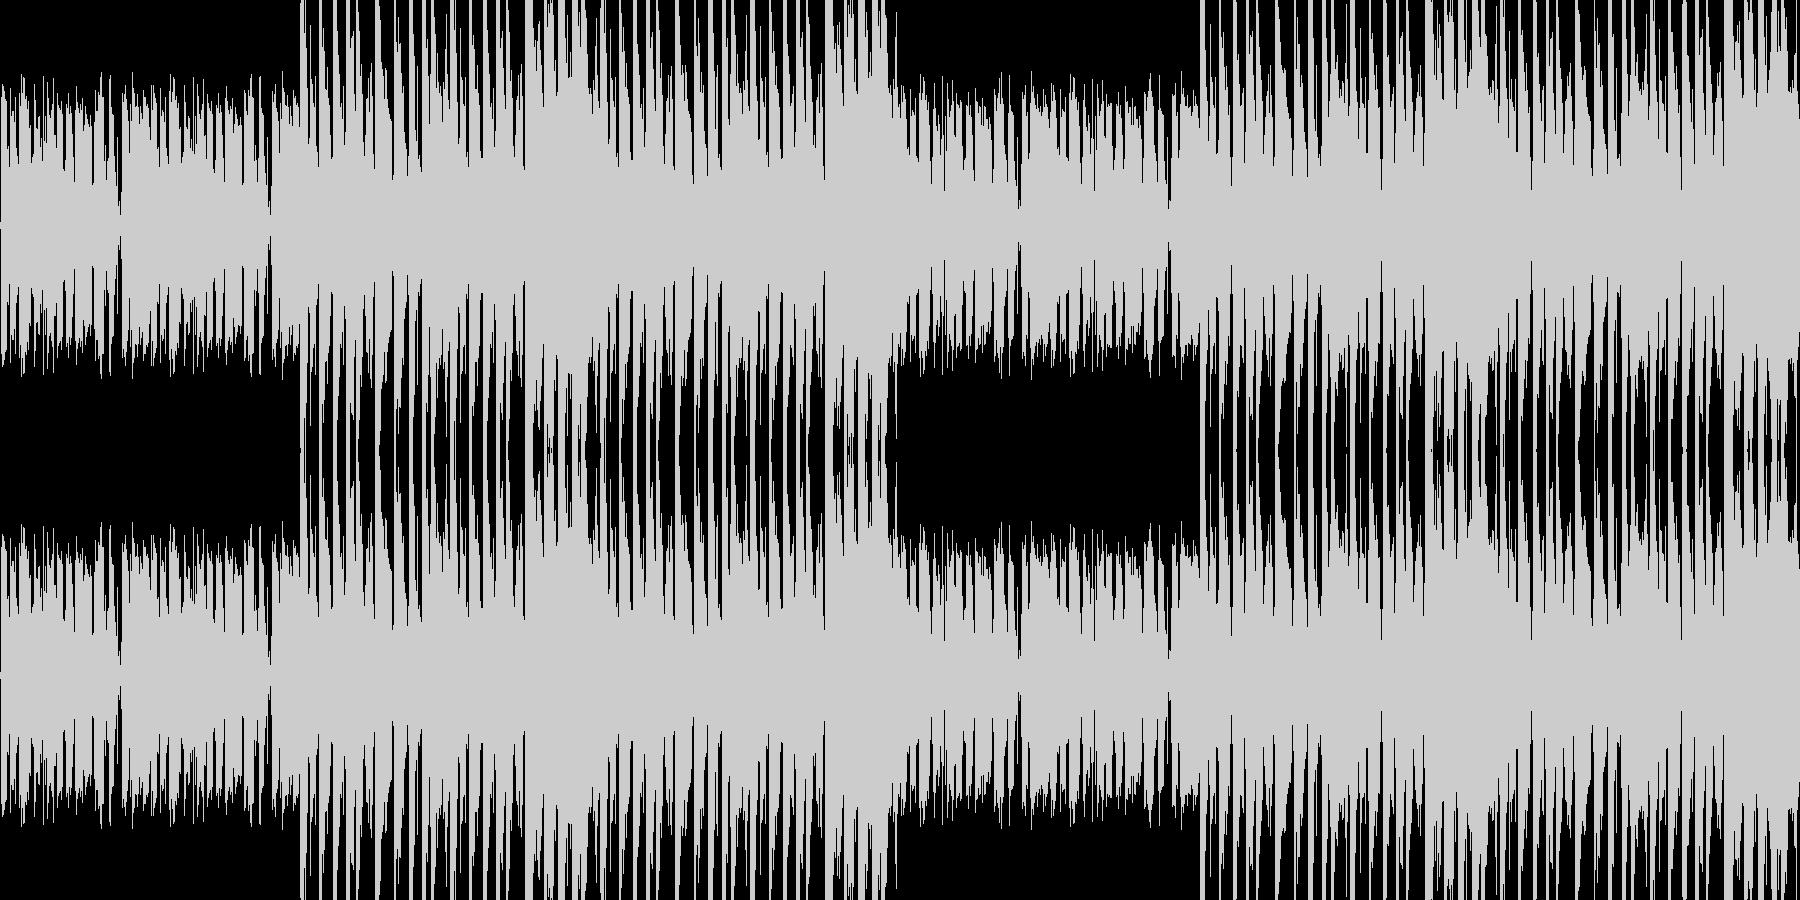 【様々なシーンで使えるギターロック】の未再生の波形